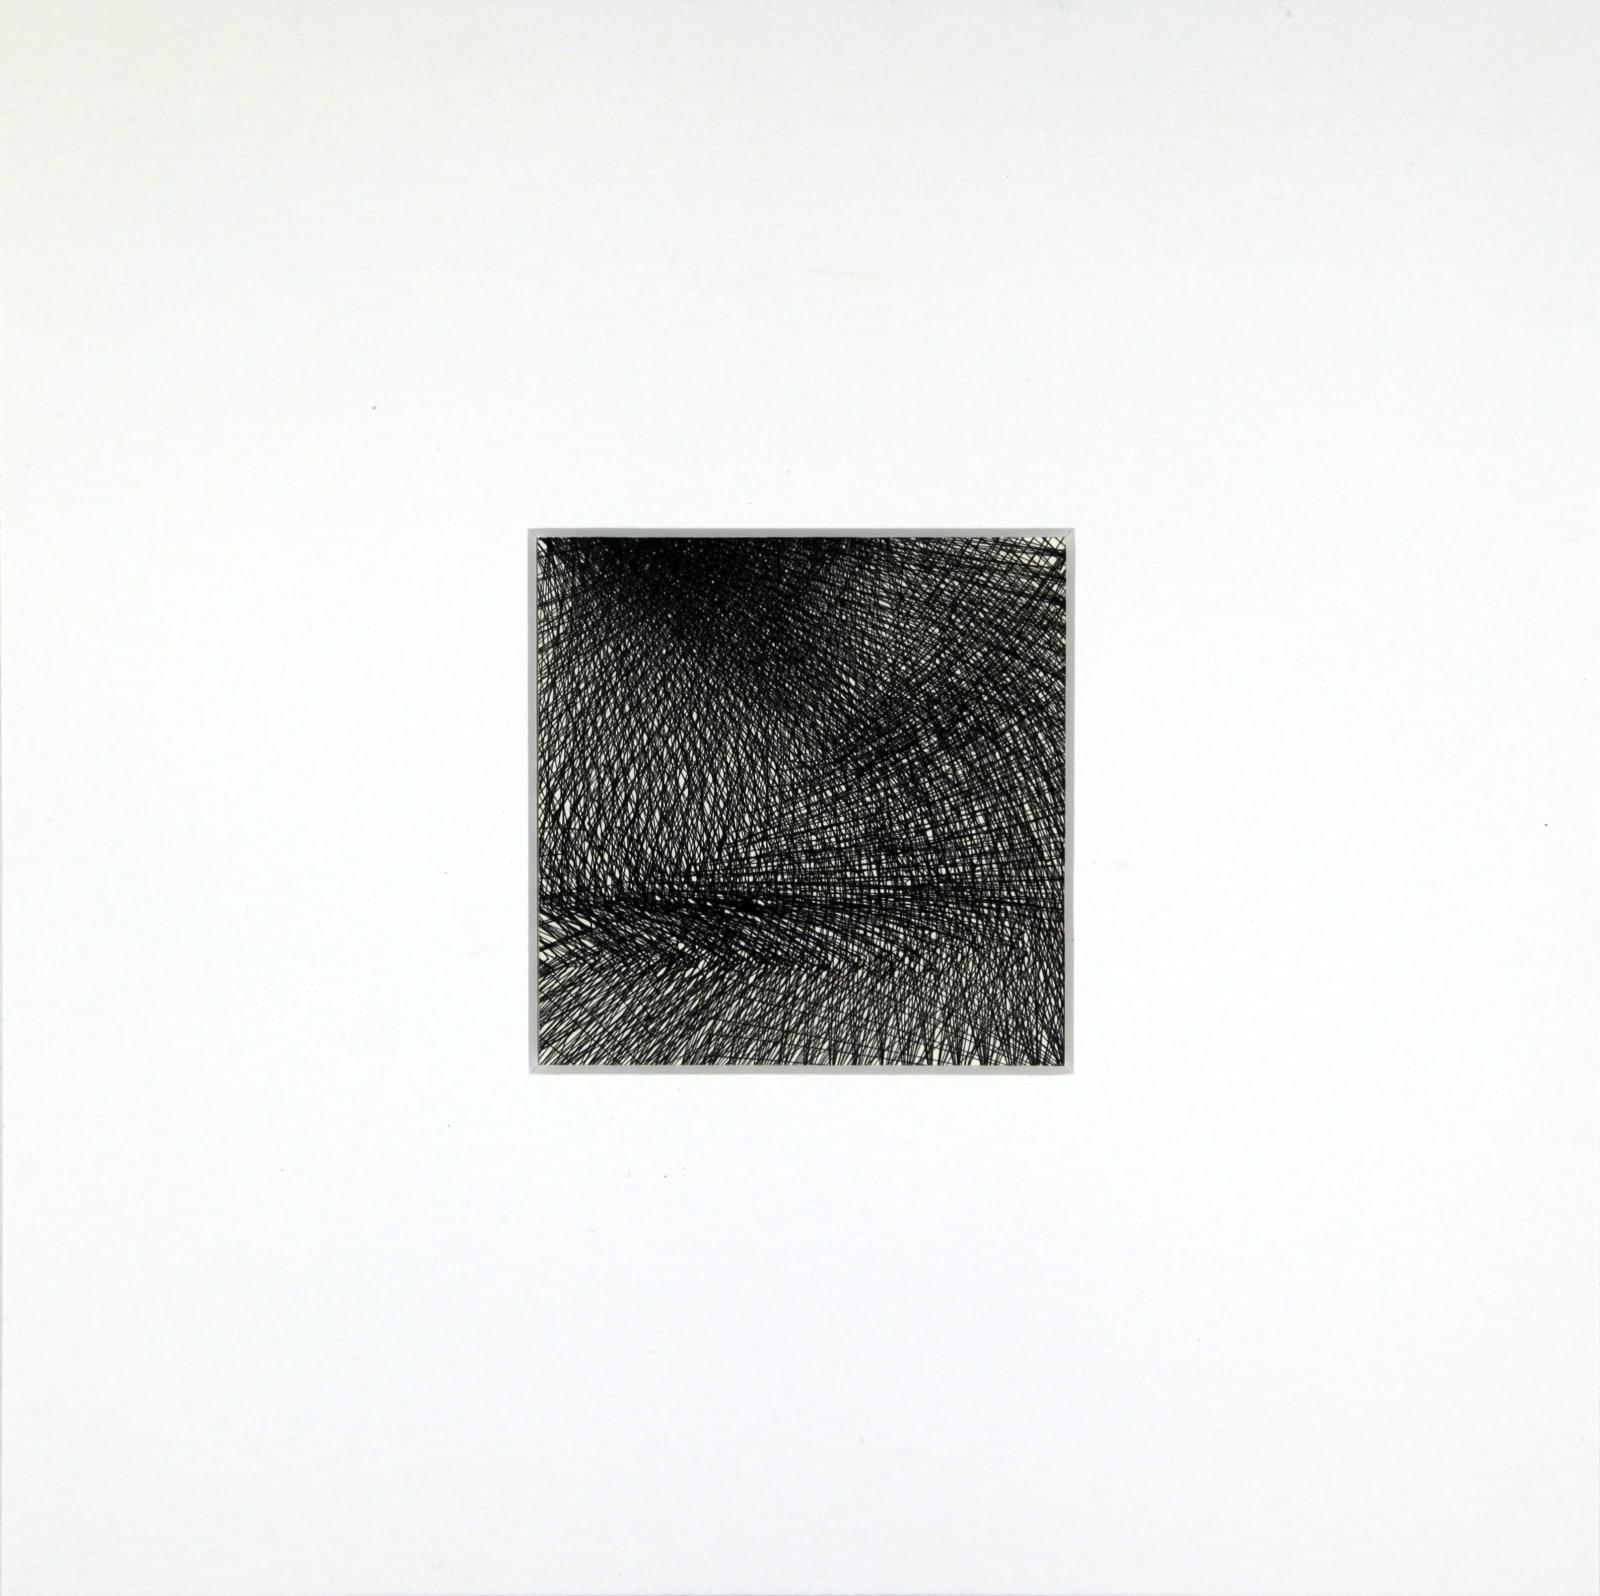 Ode BERTRAND, Miniature - Série Ogive, n°5, 1983